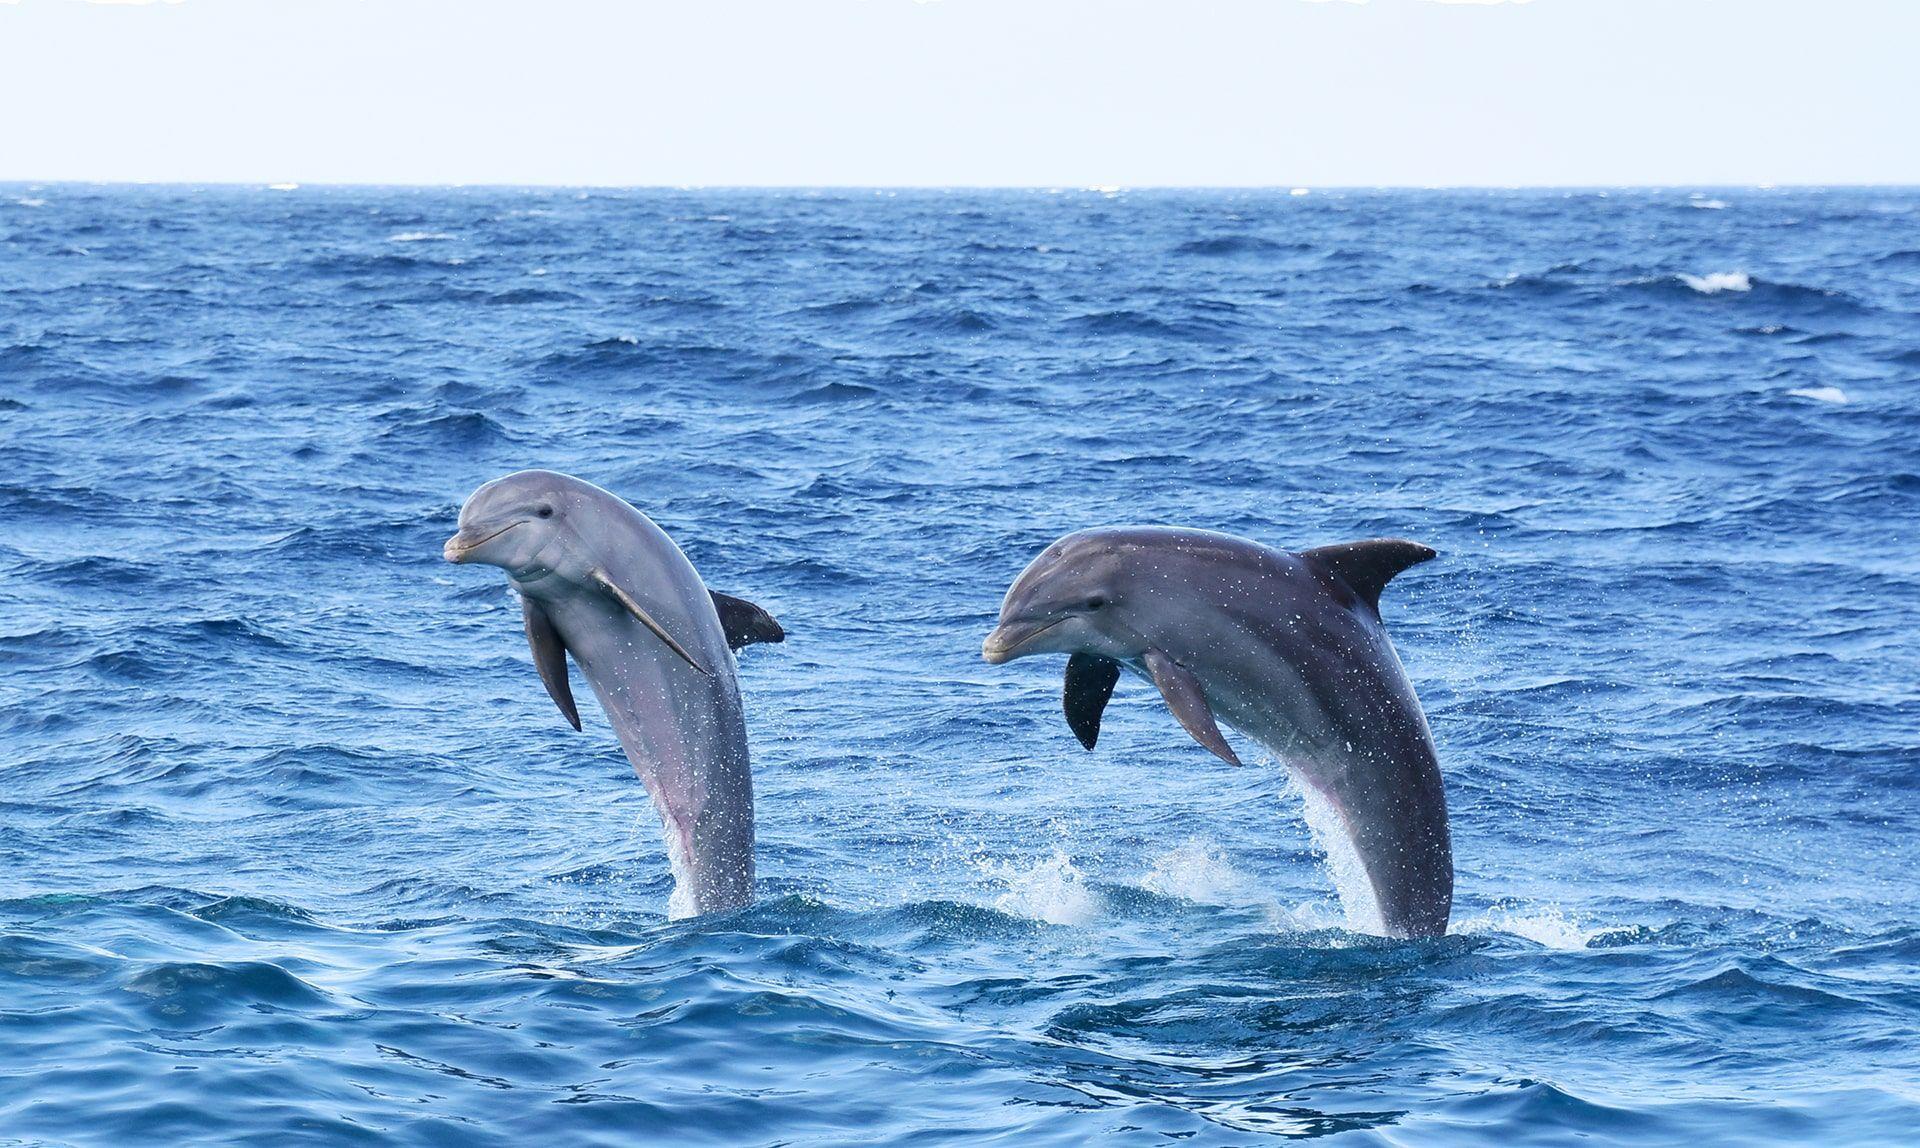 Dos delfines recibiendo entrenamiento en mar abierto.